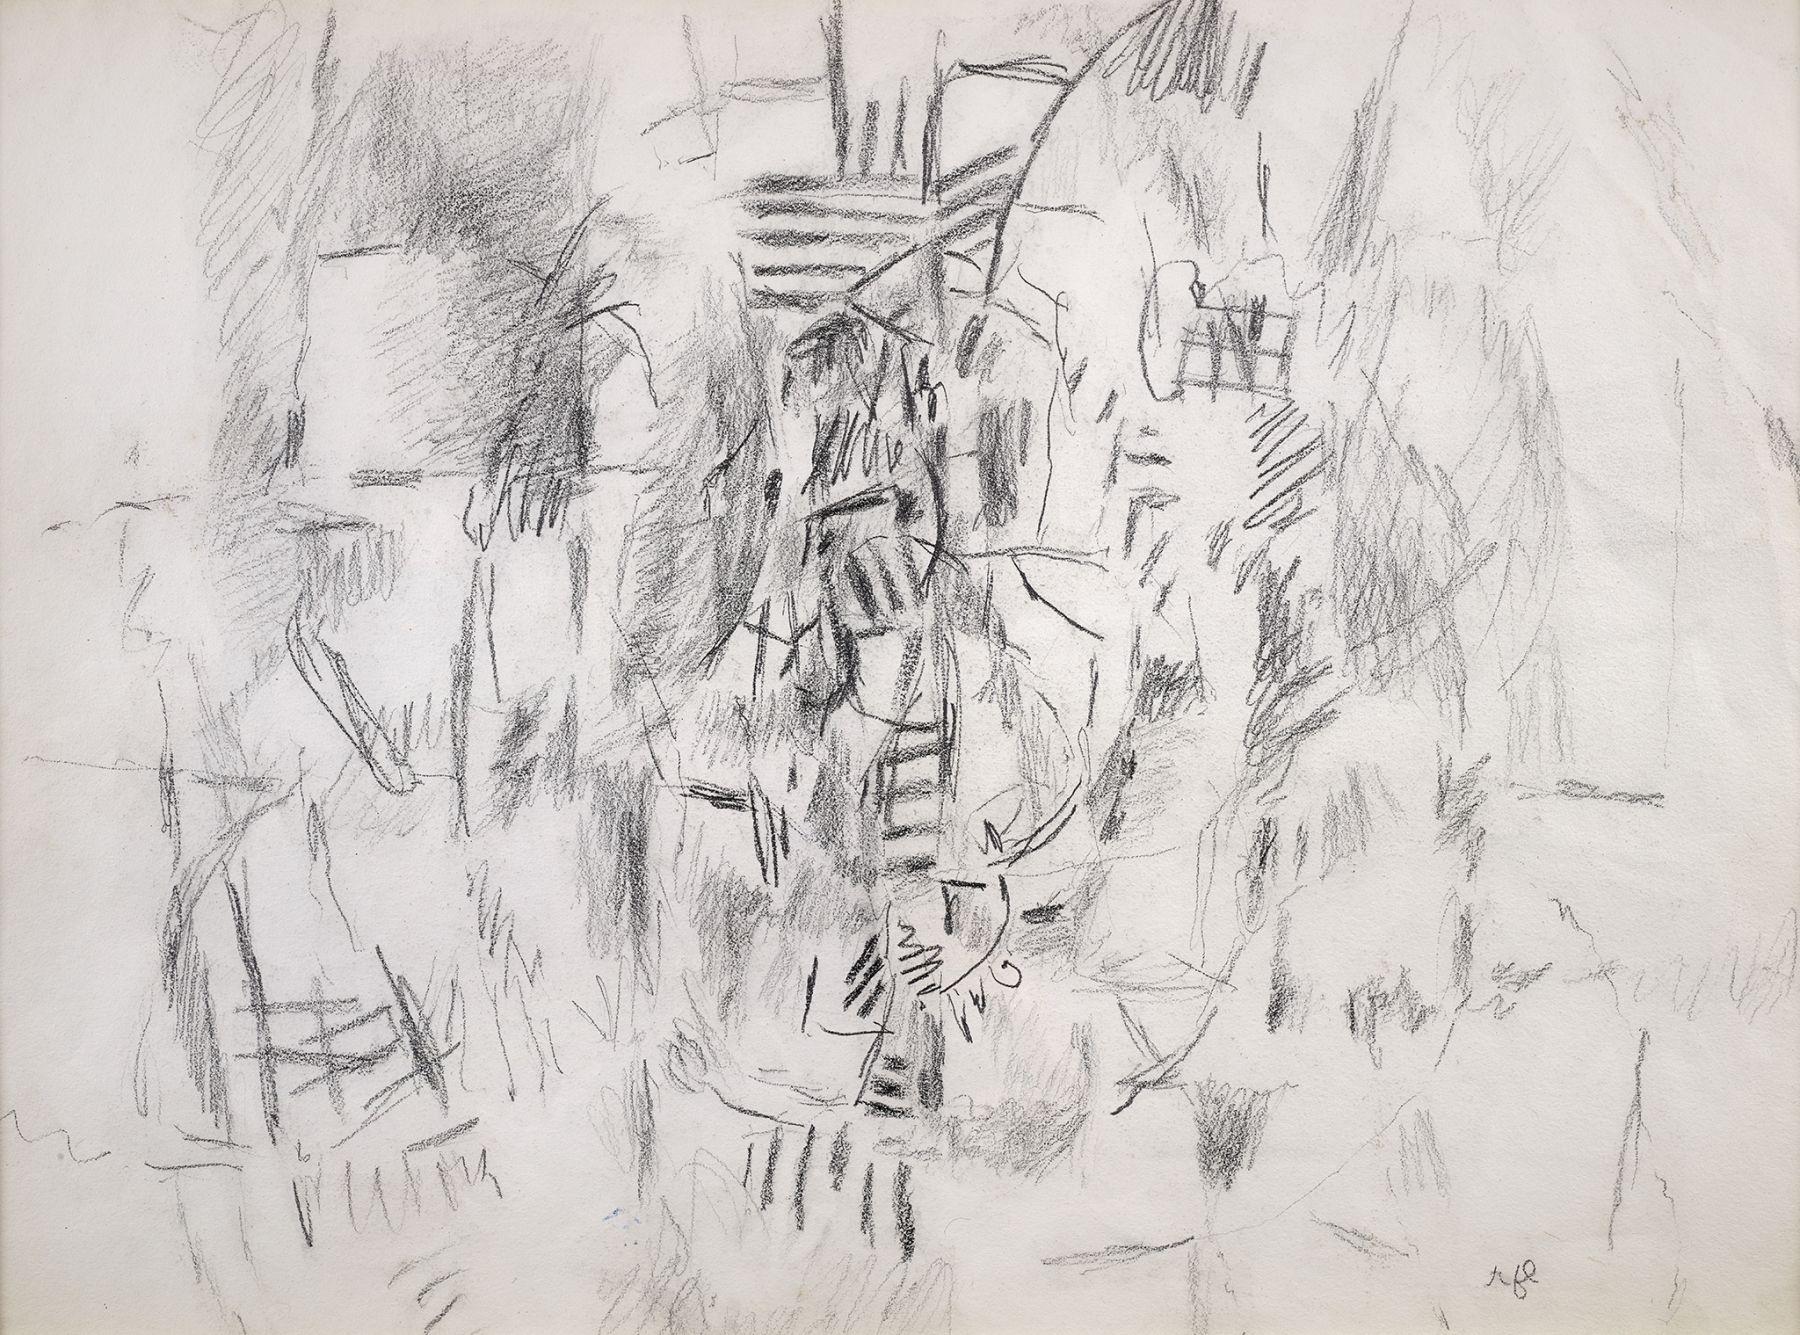 Roy Lichtenstein, Pop Art, Cubist drawing